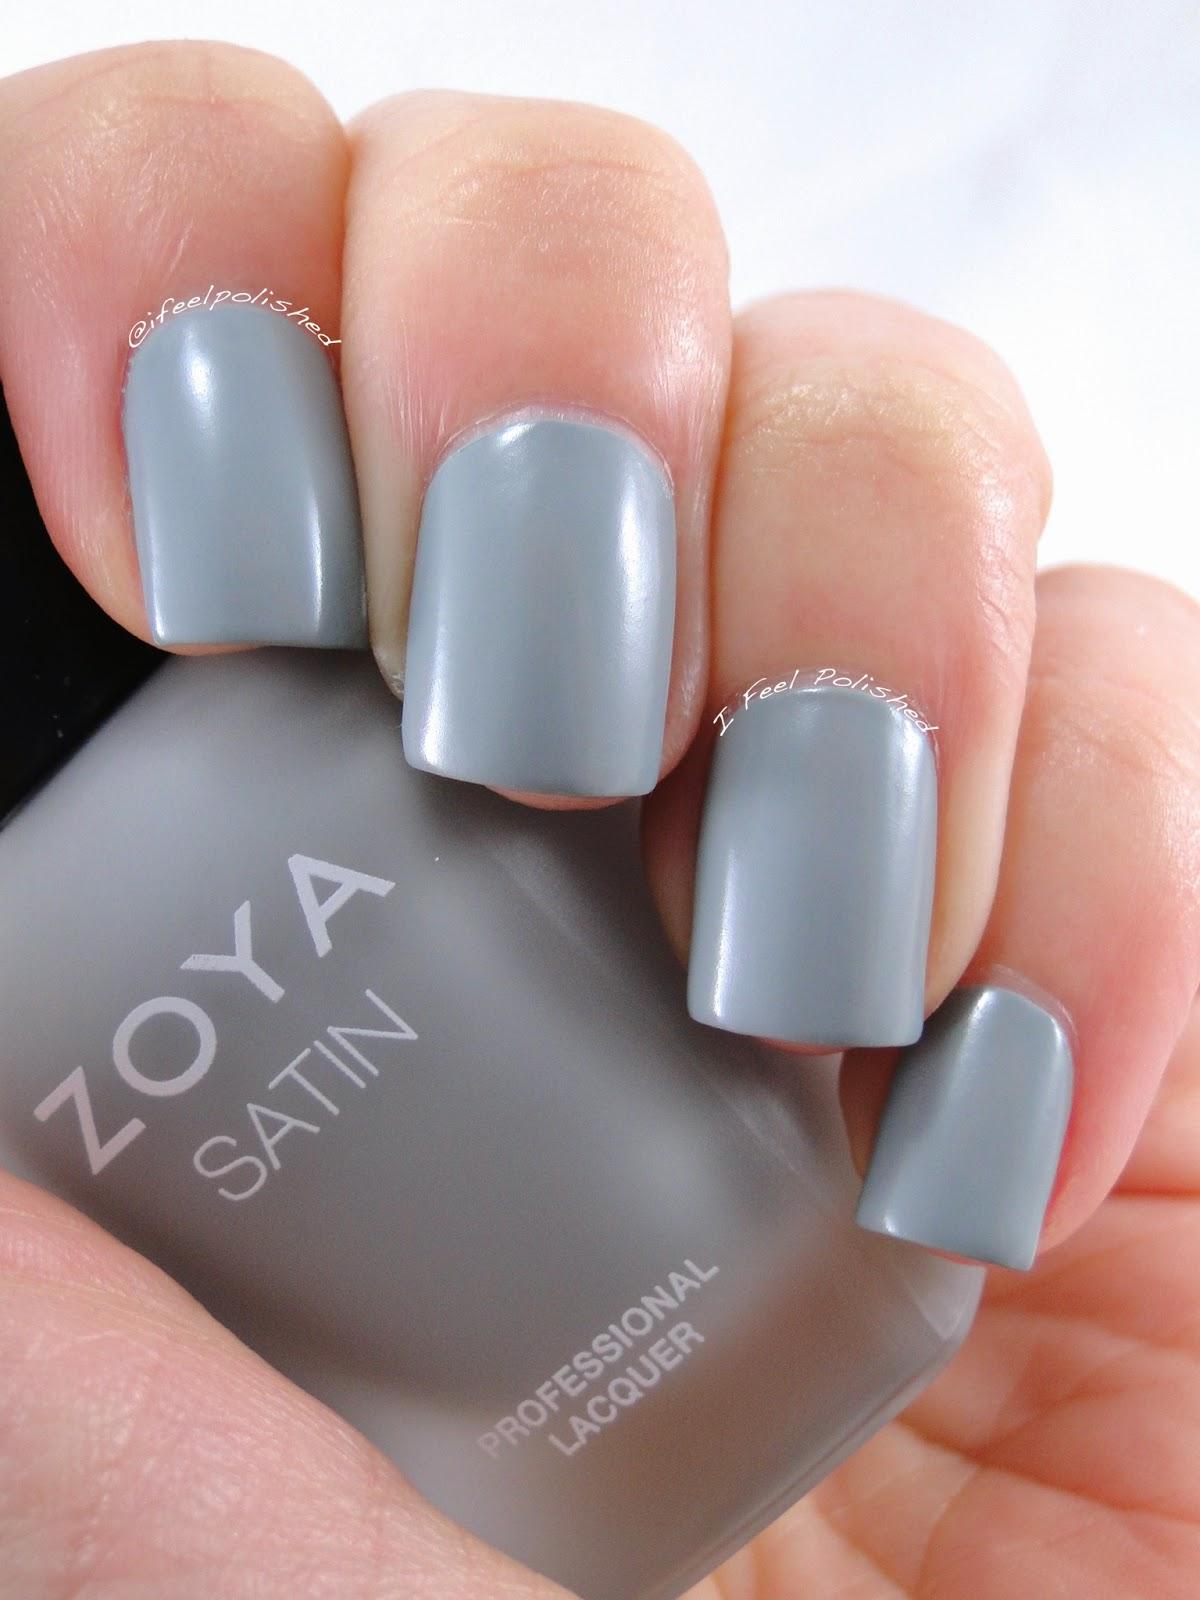 Zoya Tove